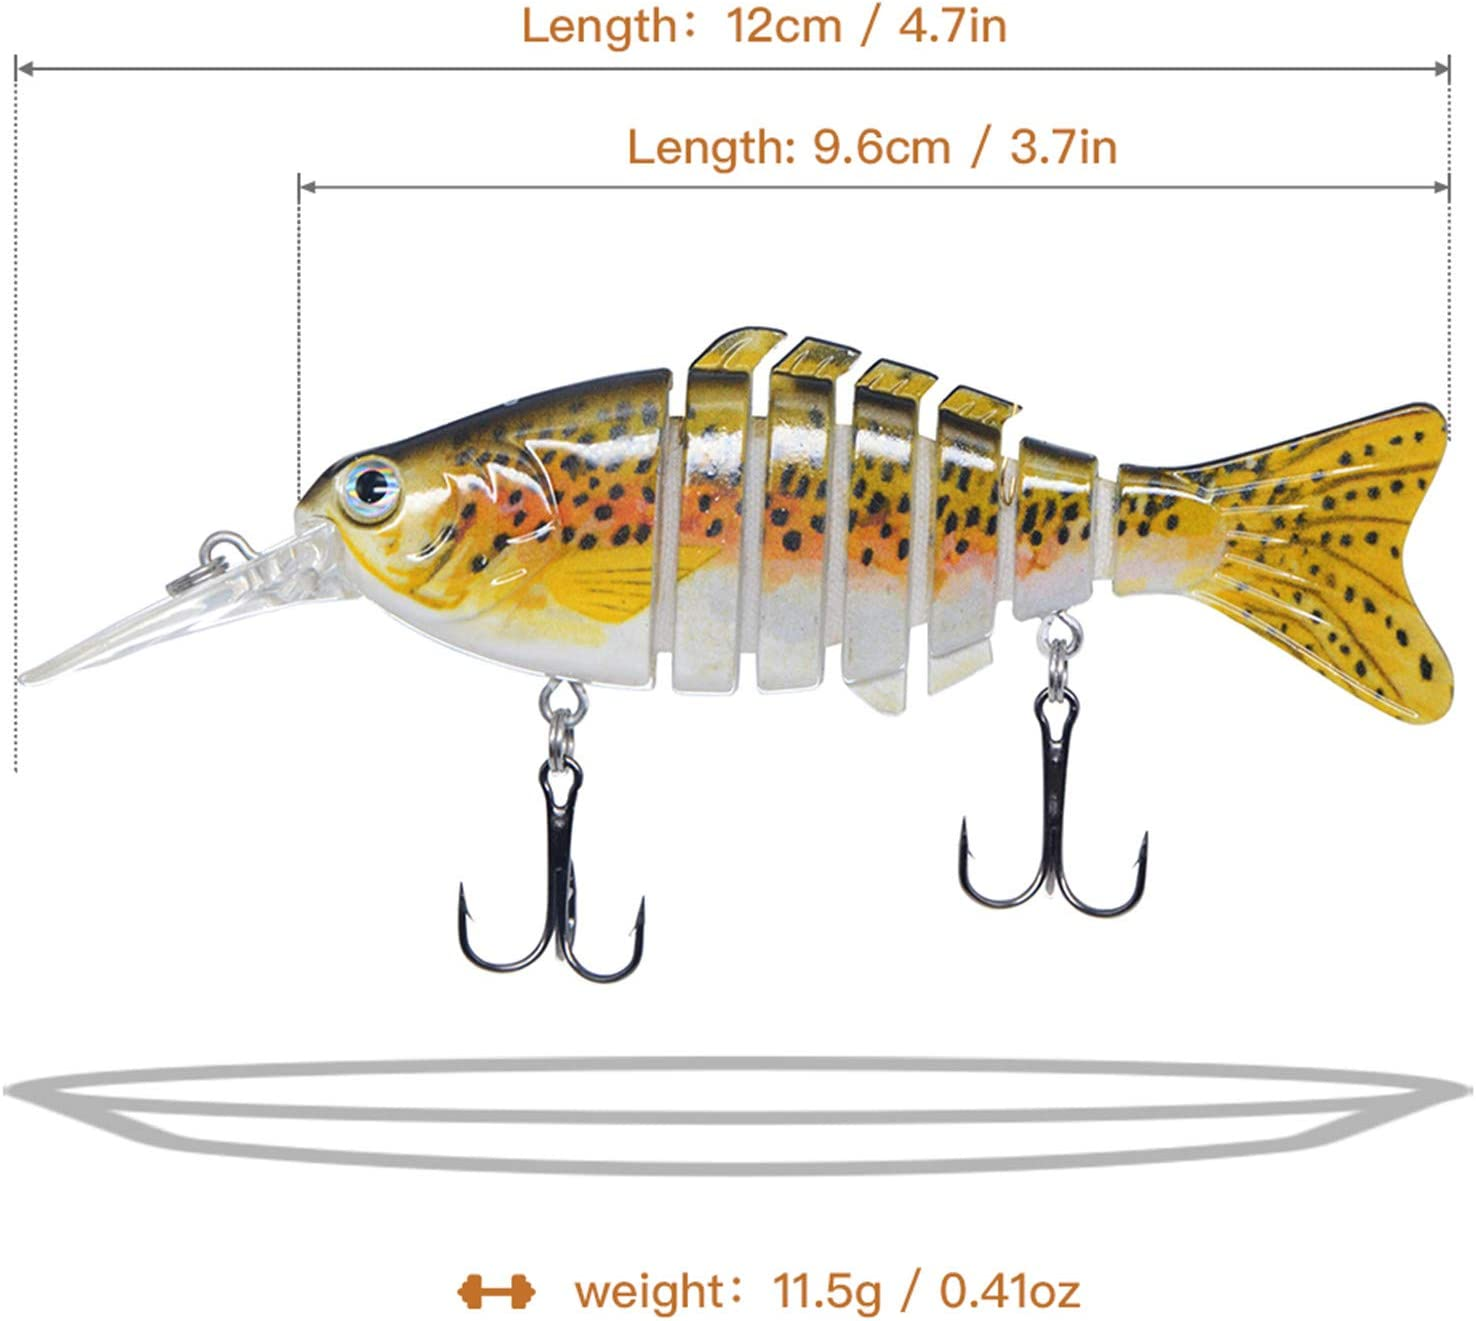 Rose Kuli Fishing Lures Lifelike Bass Lures Multi Jointed Swimbaits Slow Sinking Hard Bait Fishing Tackle Kits